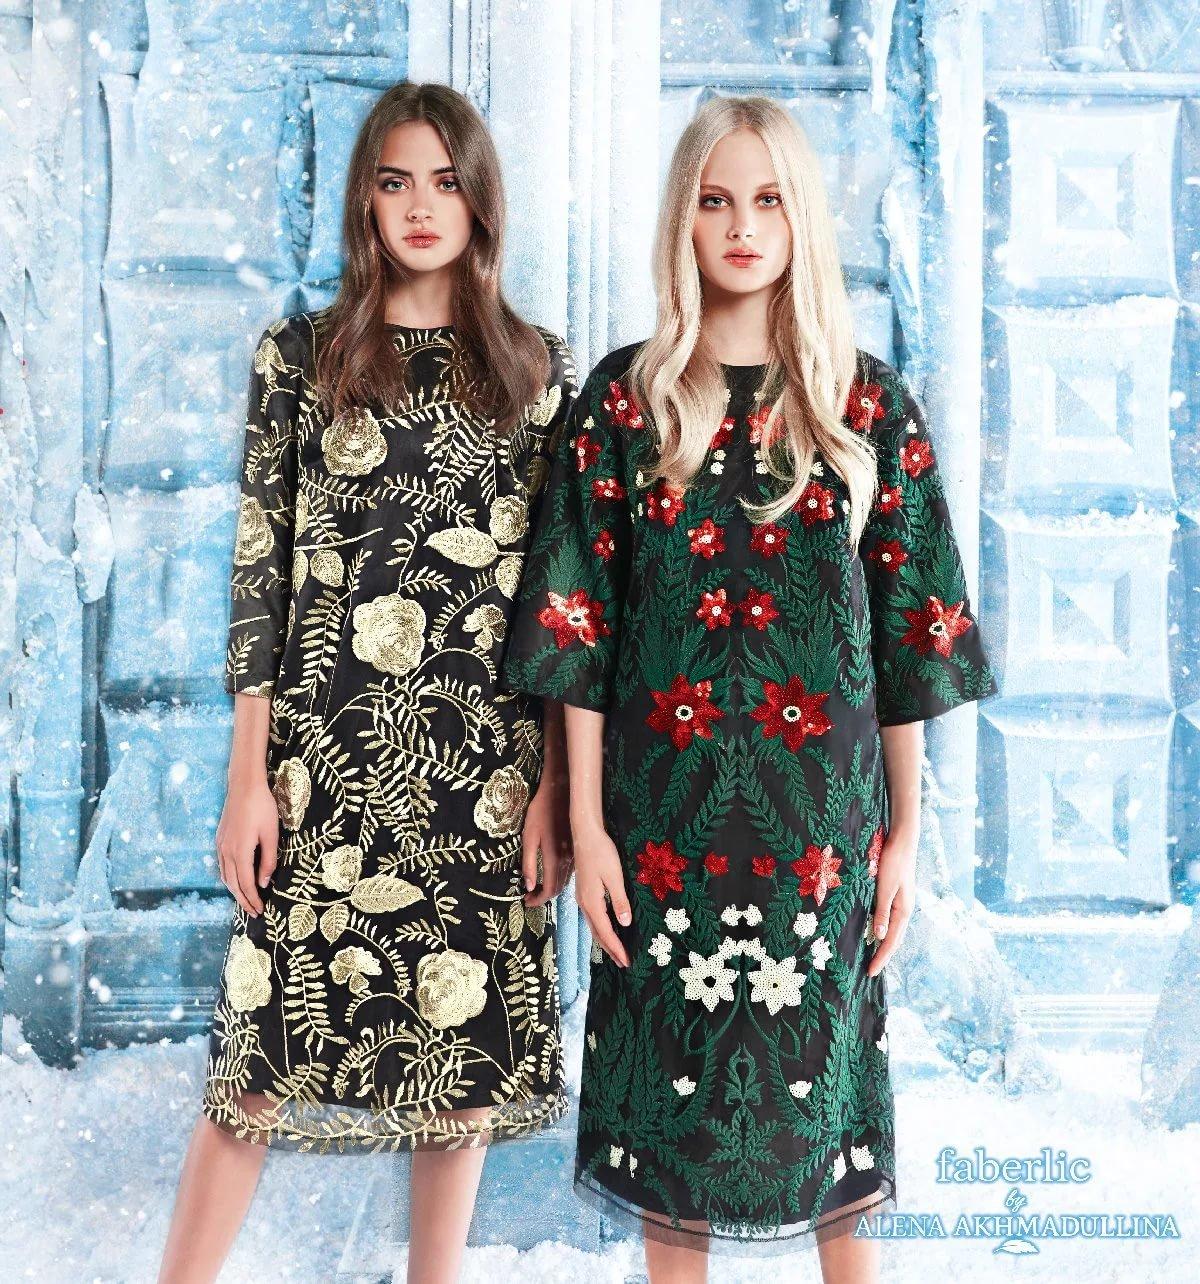 гири коллекция платьев фаберлик фото пользователей цены